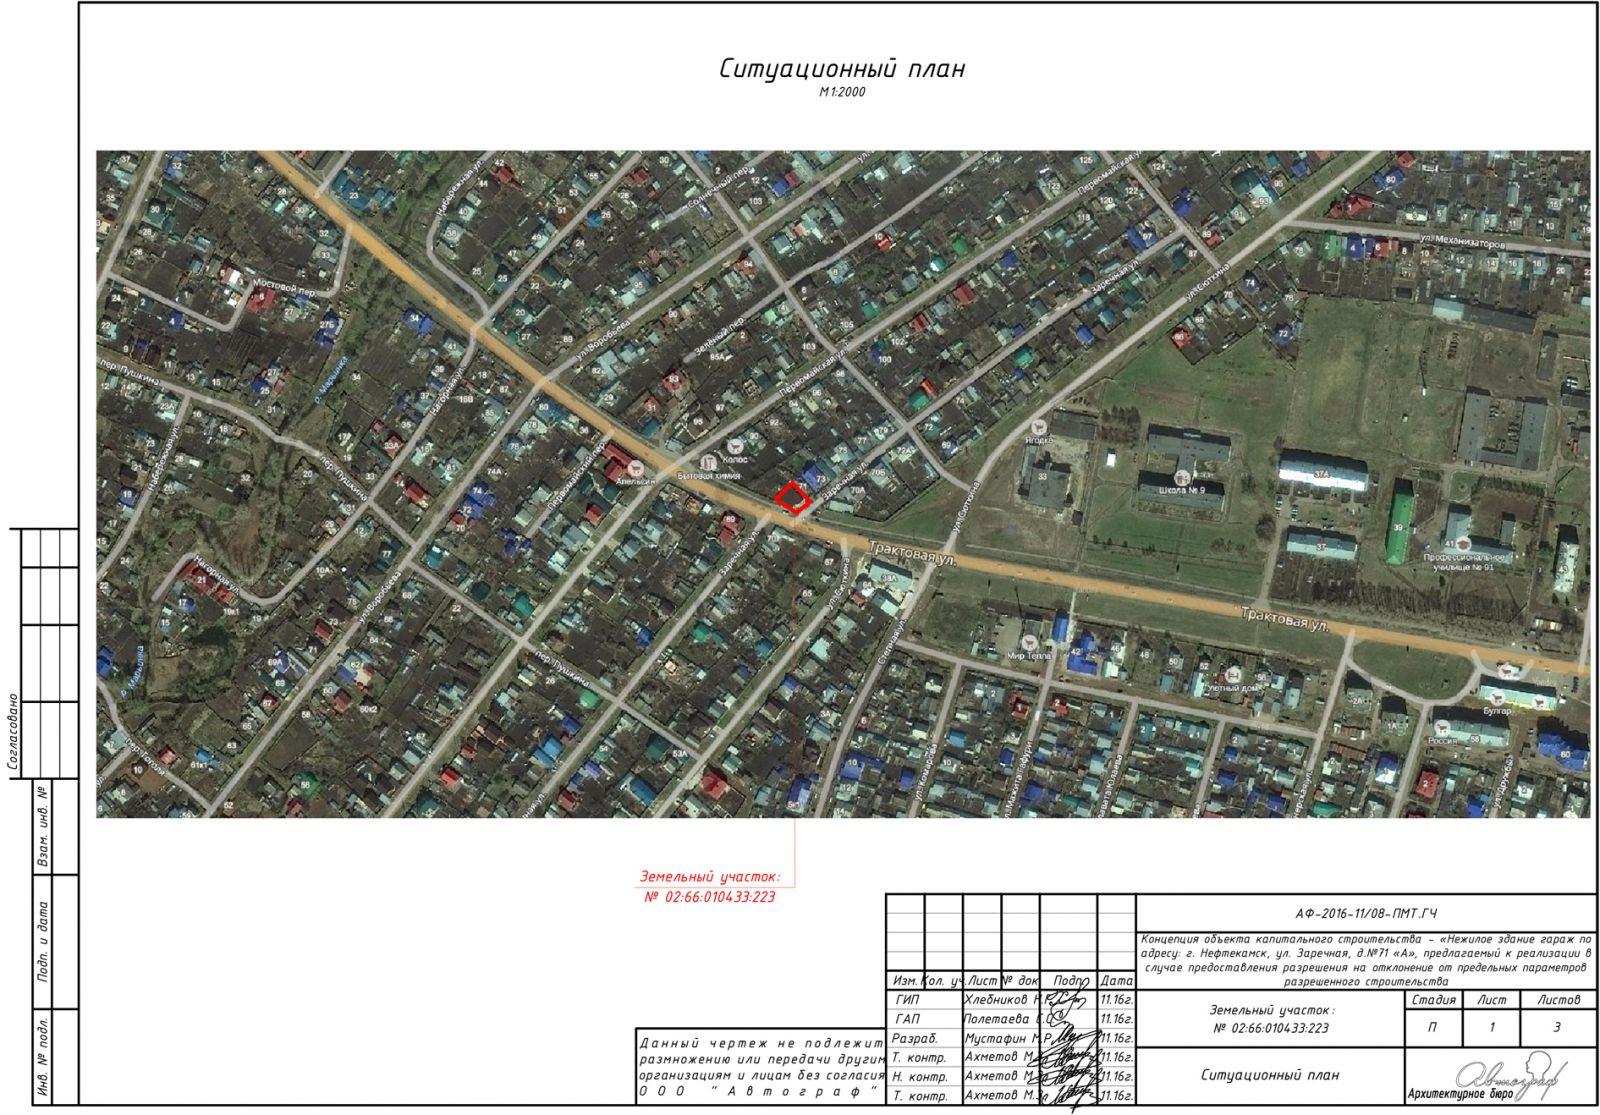 Как сделать ситуационный план на земельный участок 398